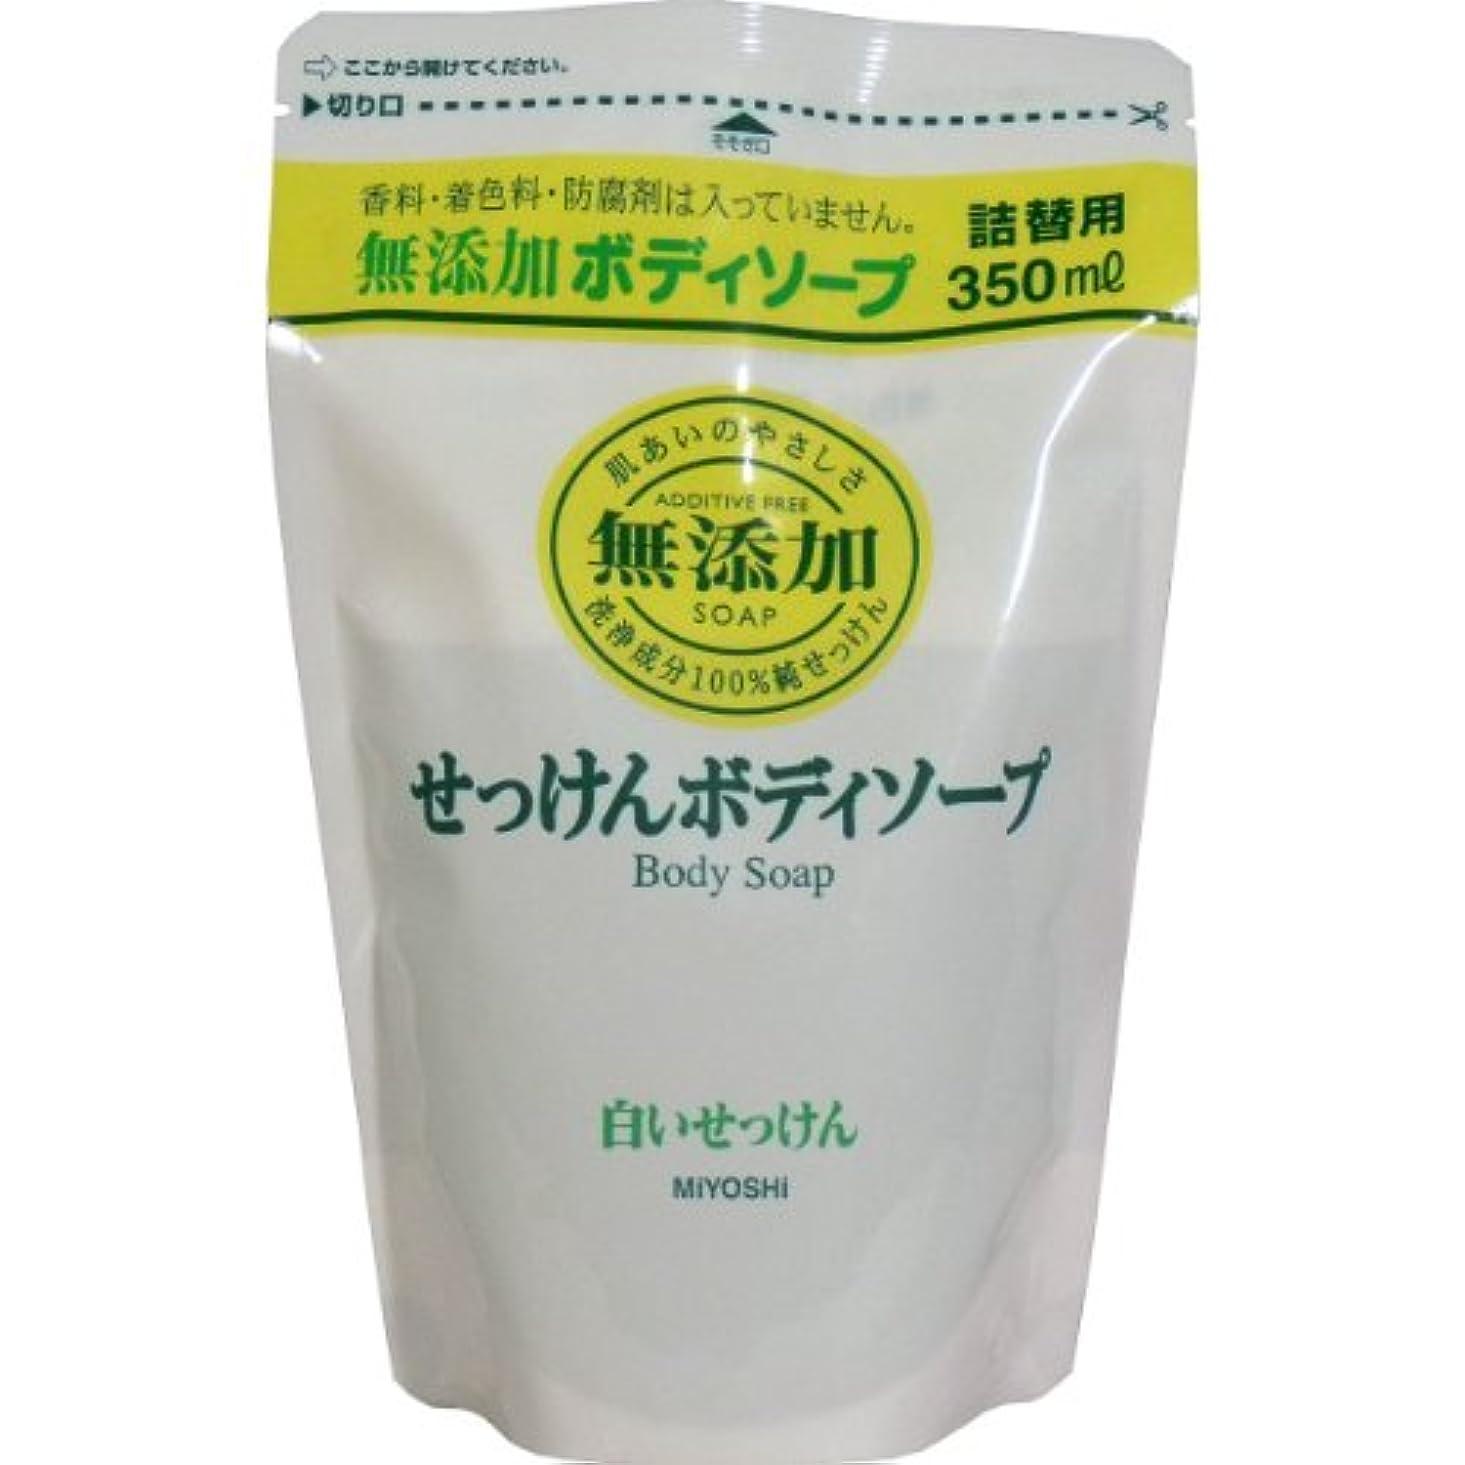 円形のジャンクション泥ミヨシ 無添加 ボディソープ 白い石けん つめかえ用 350ml(無添加石鹸) x 10個セット